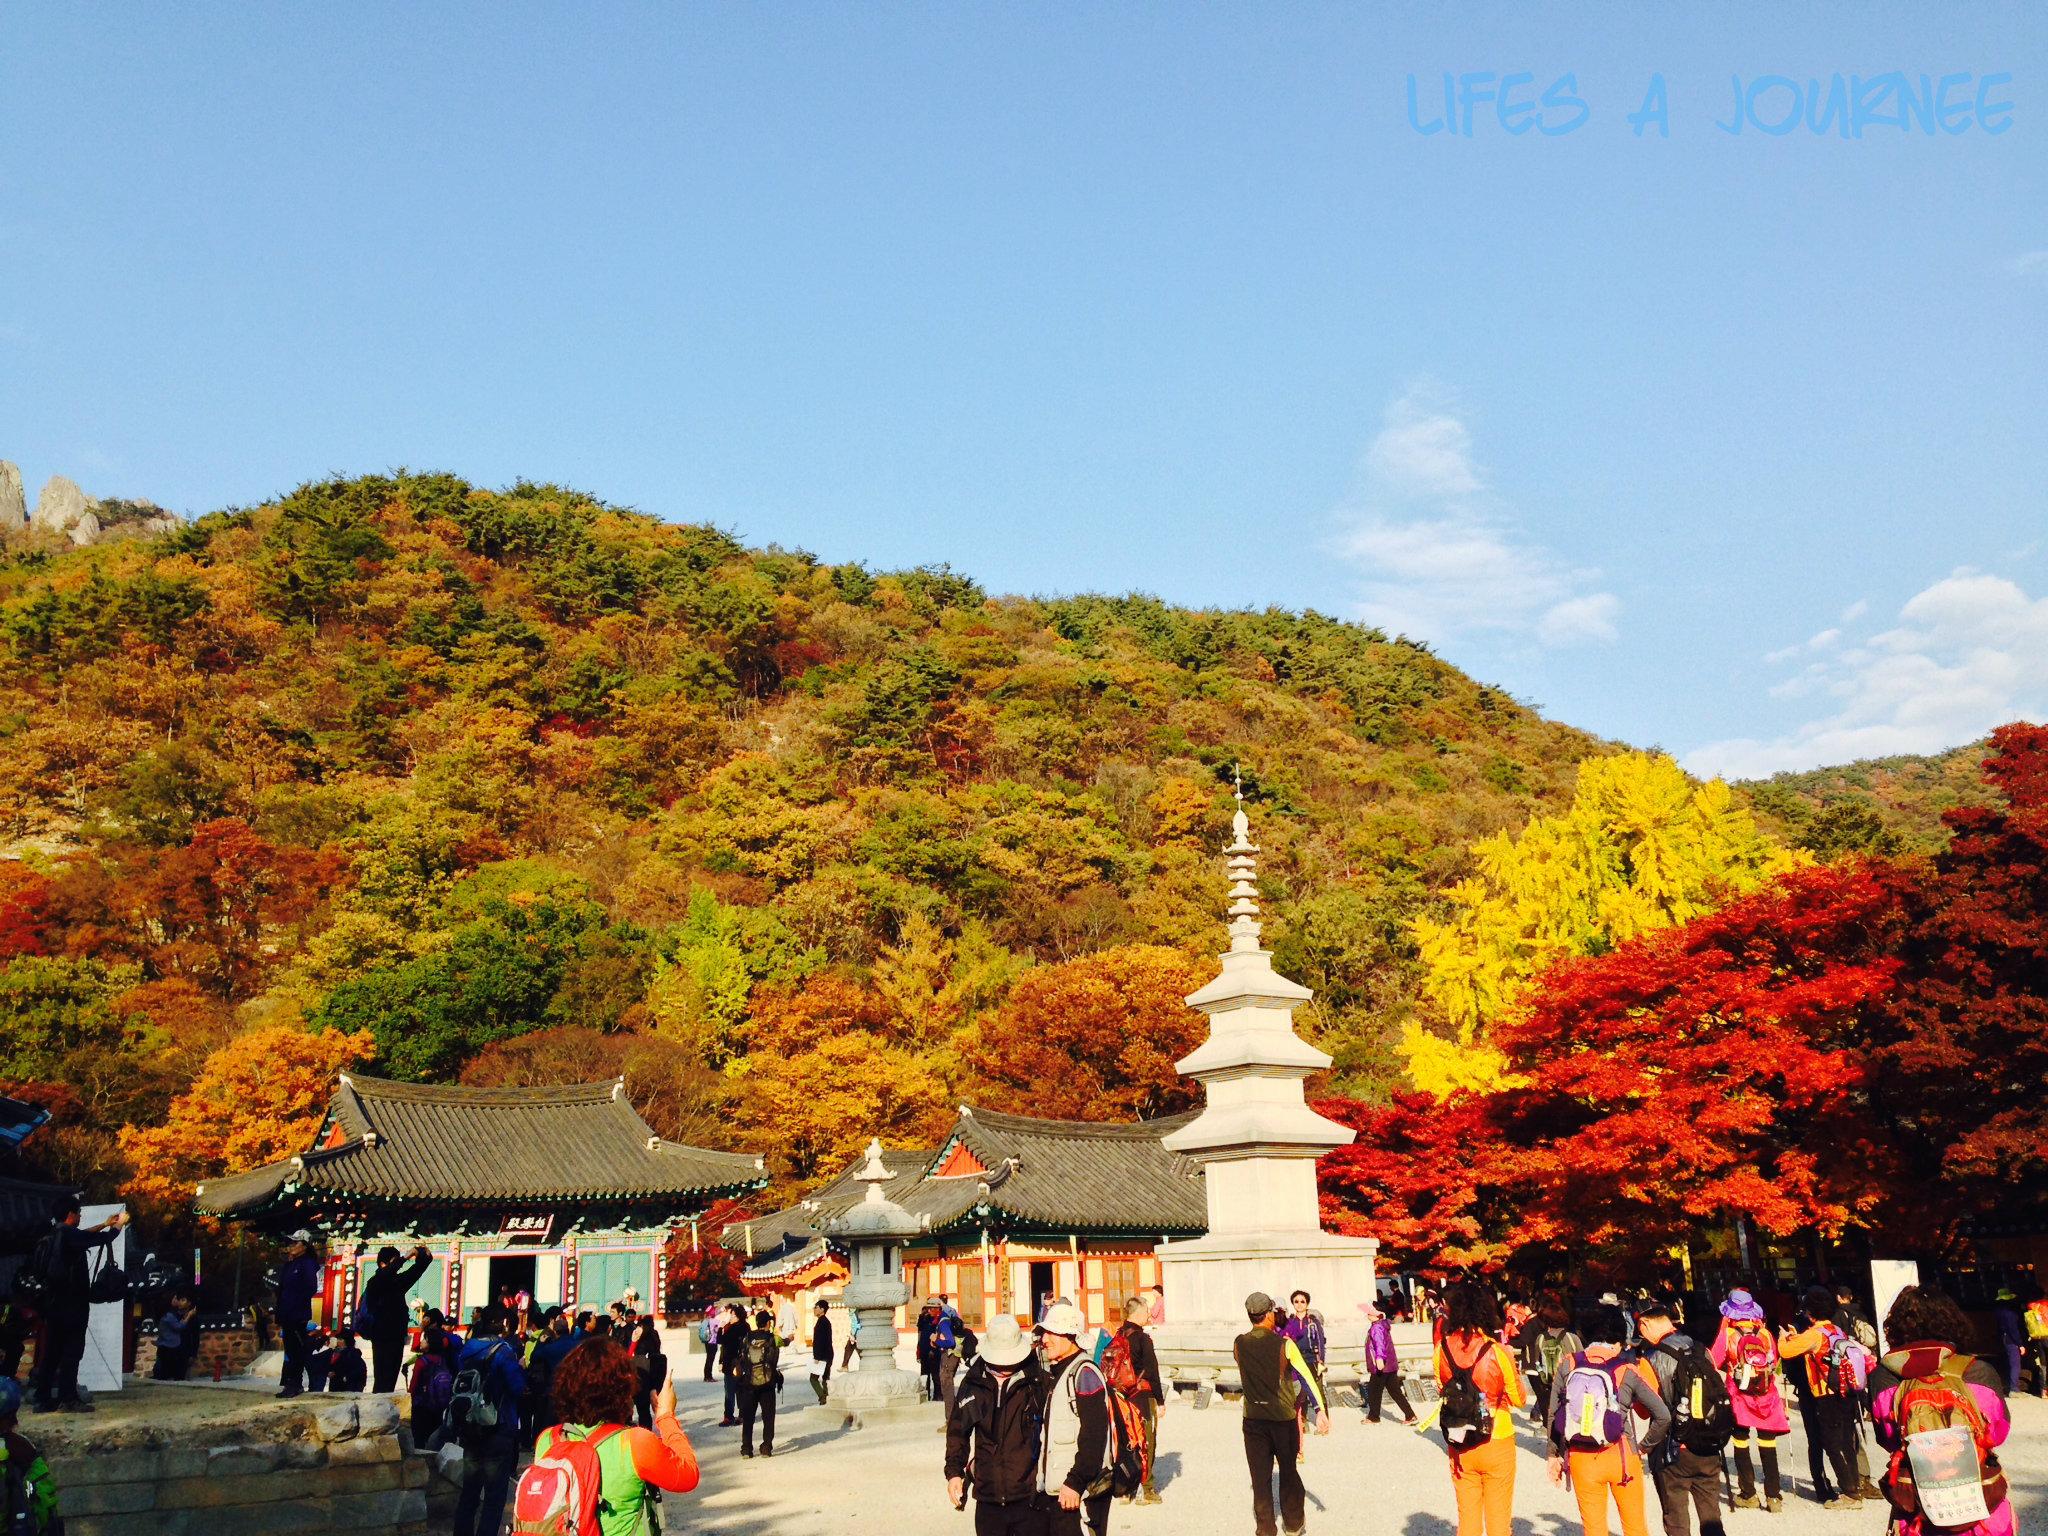 Hàn Quốc là điểm đến du lịch hấp dẫn